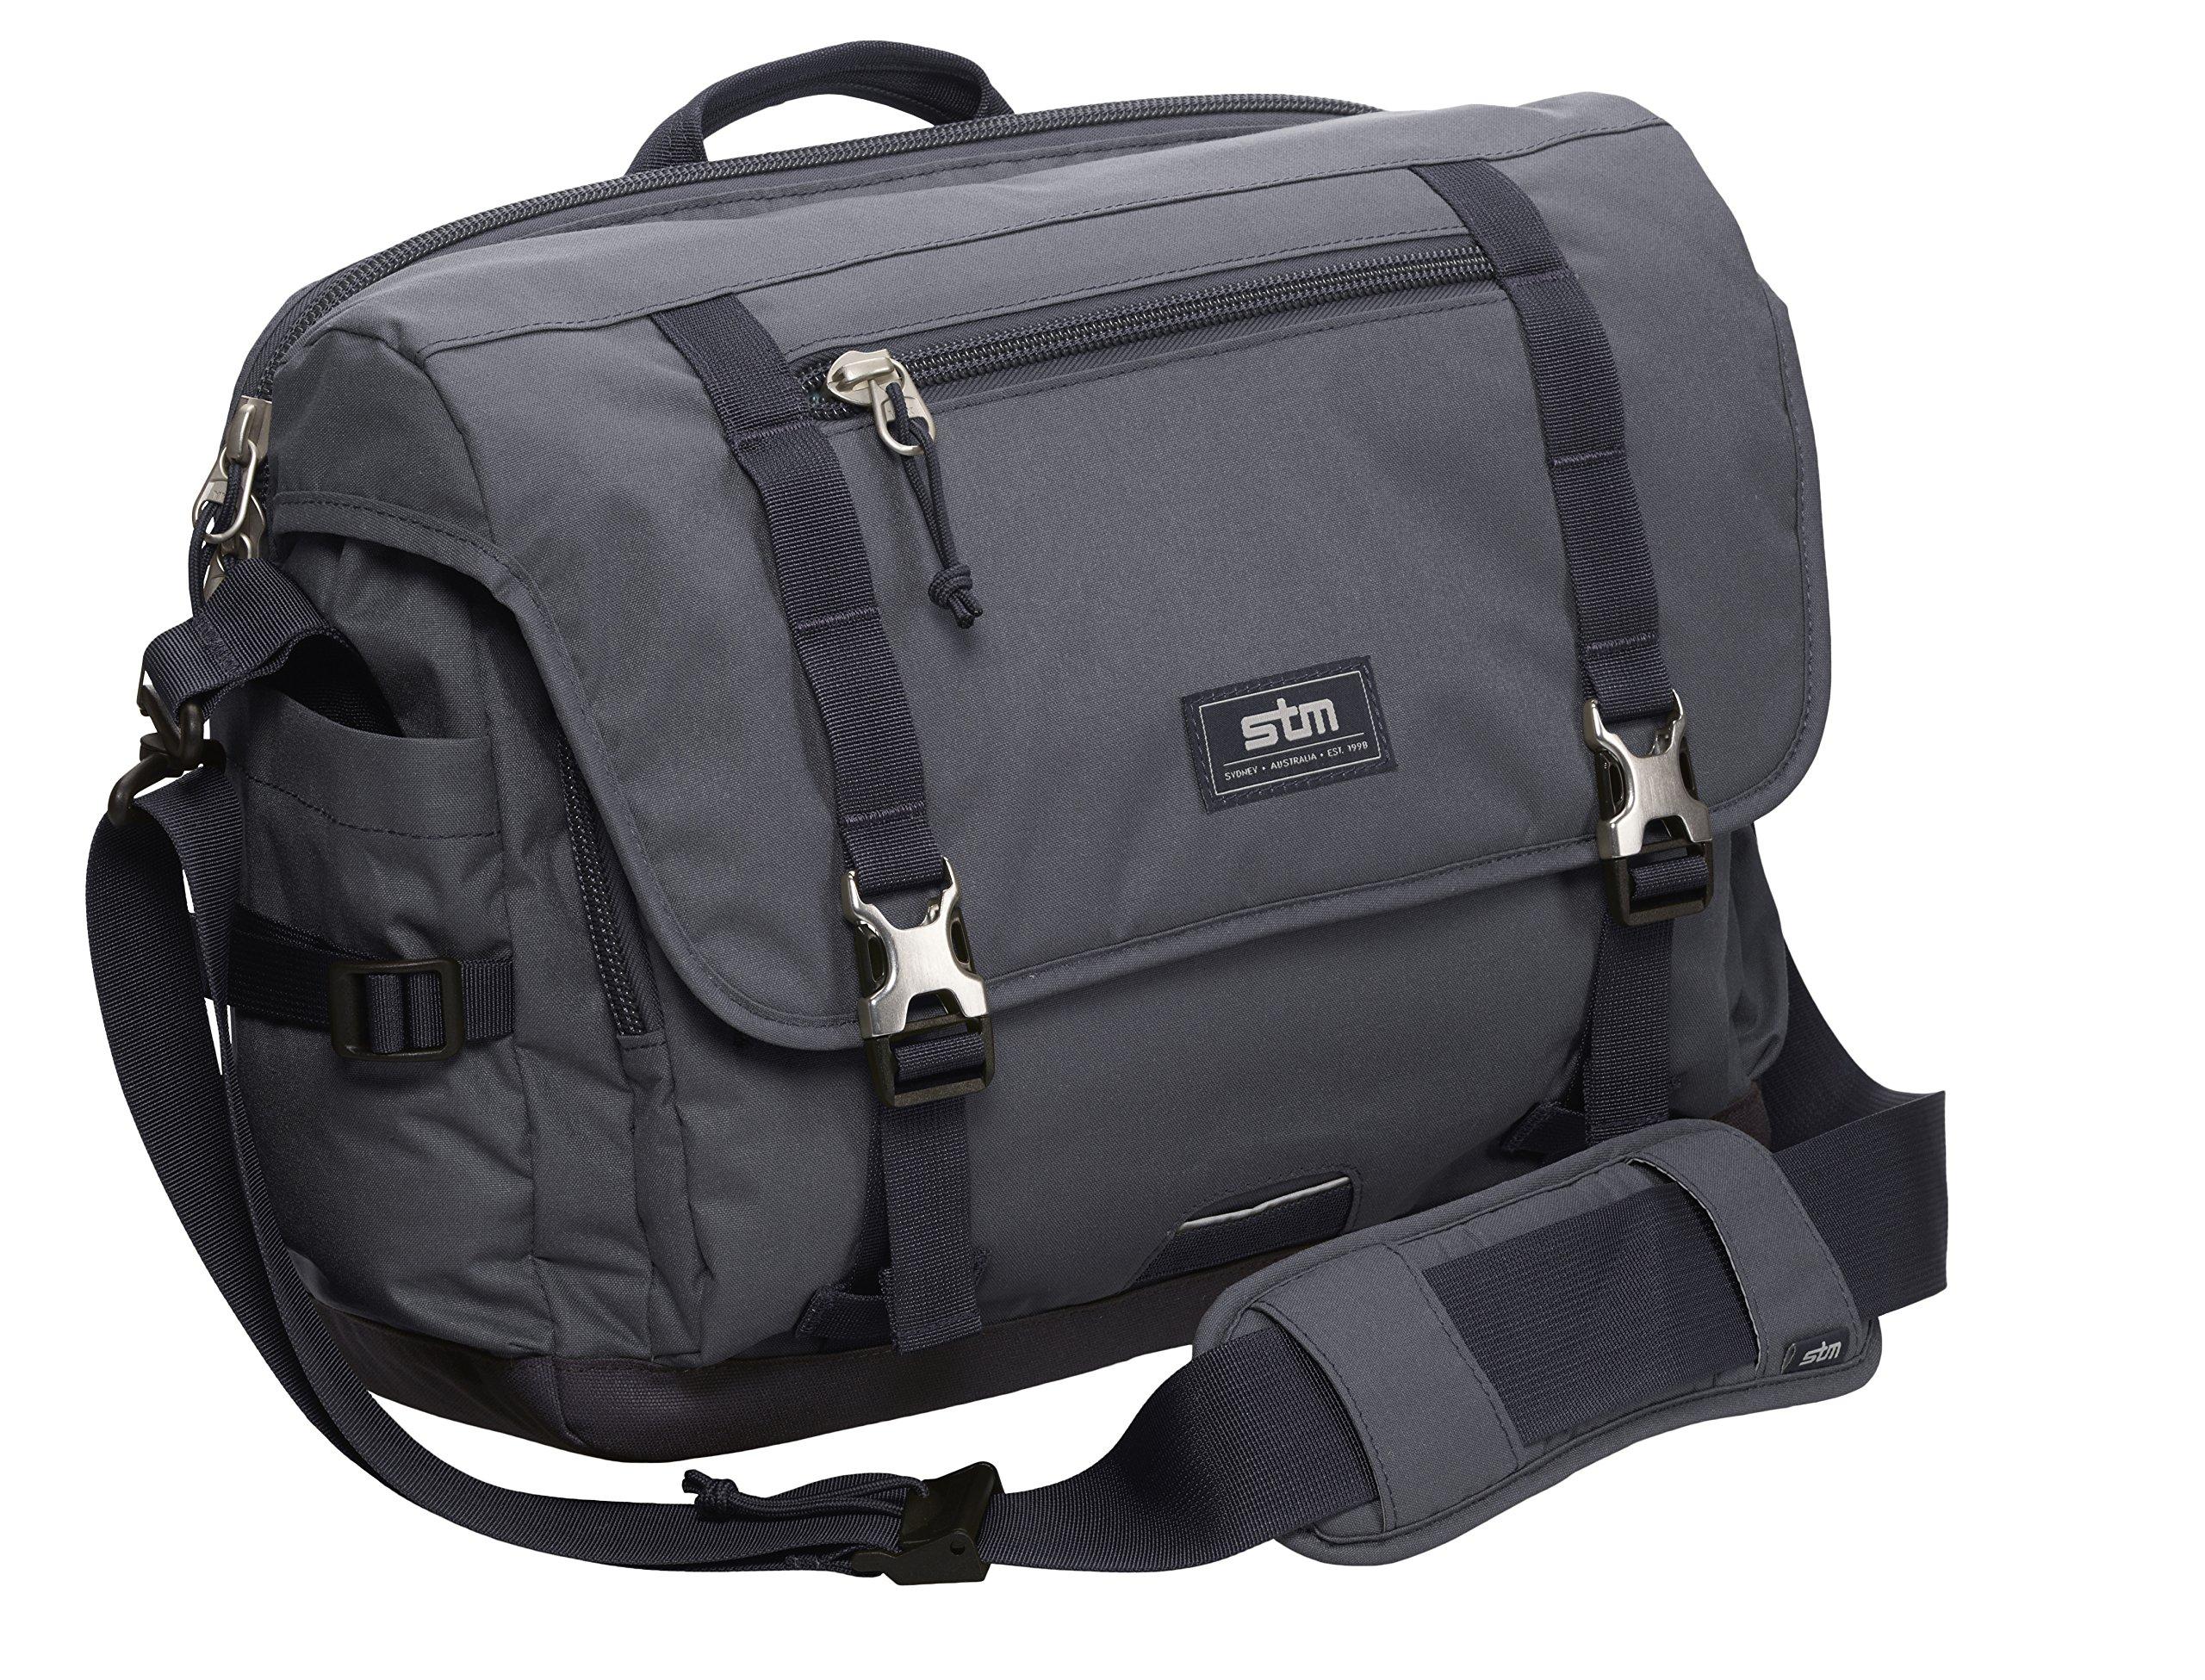 STM Trust, Laptop Shoulder Bag for 15-Inch Laptop - Graphite (stm-112-034P-16)